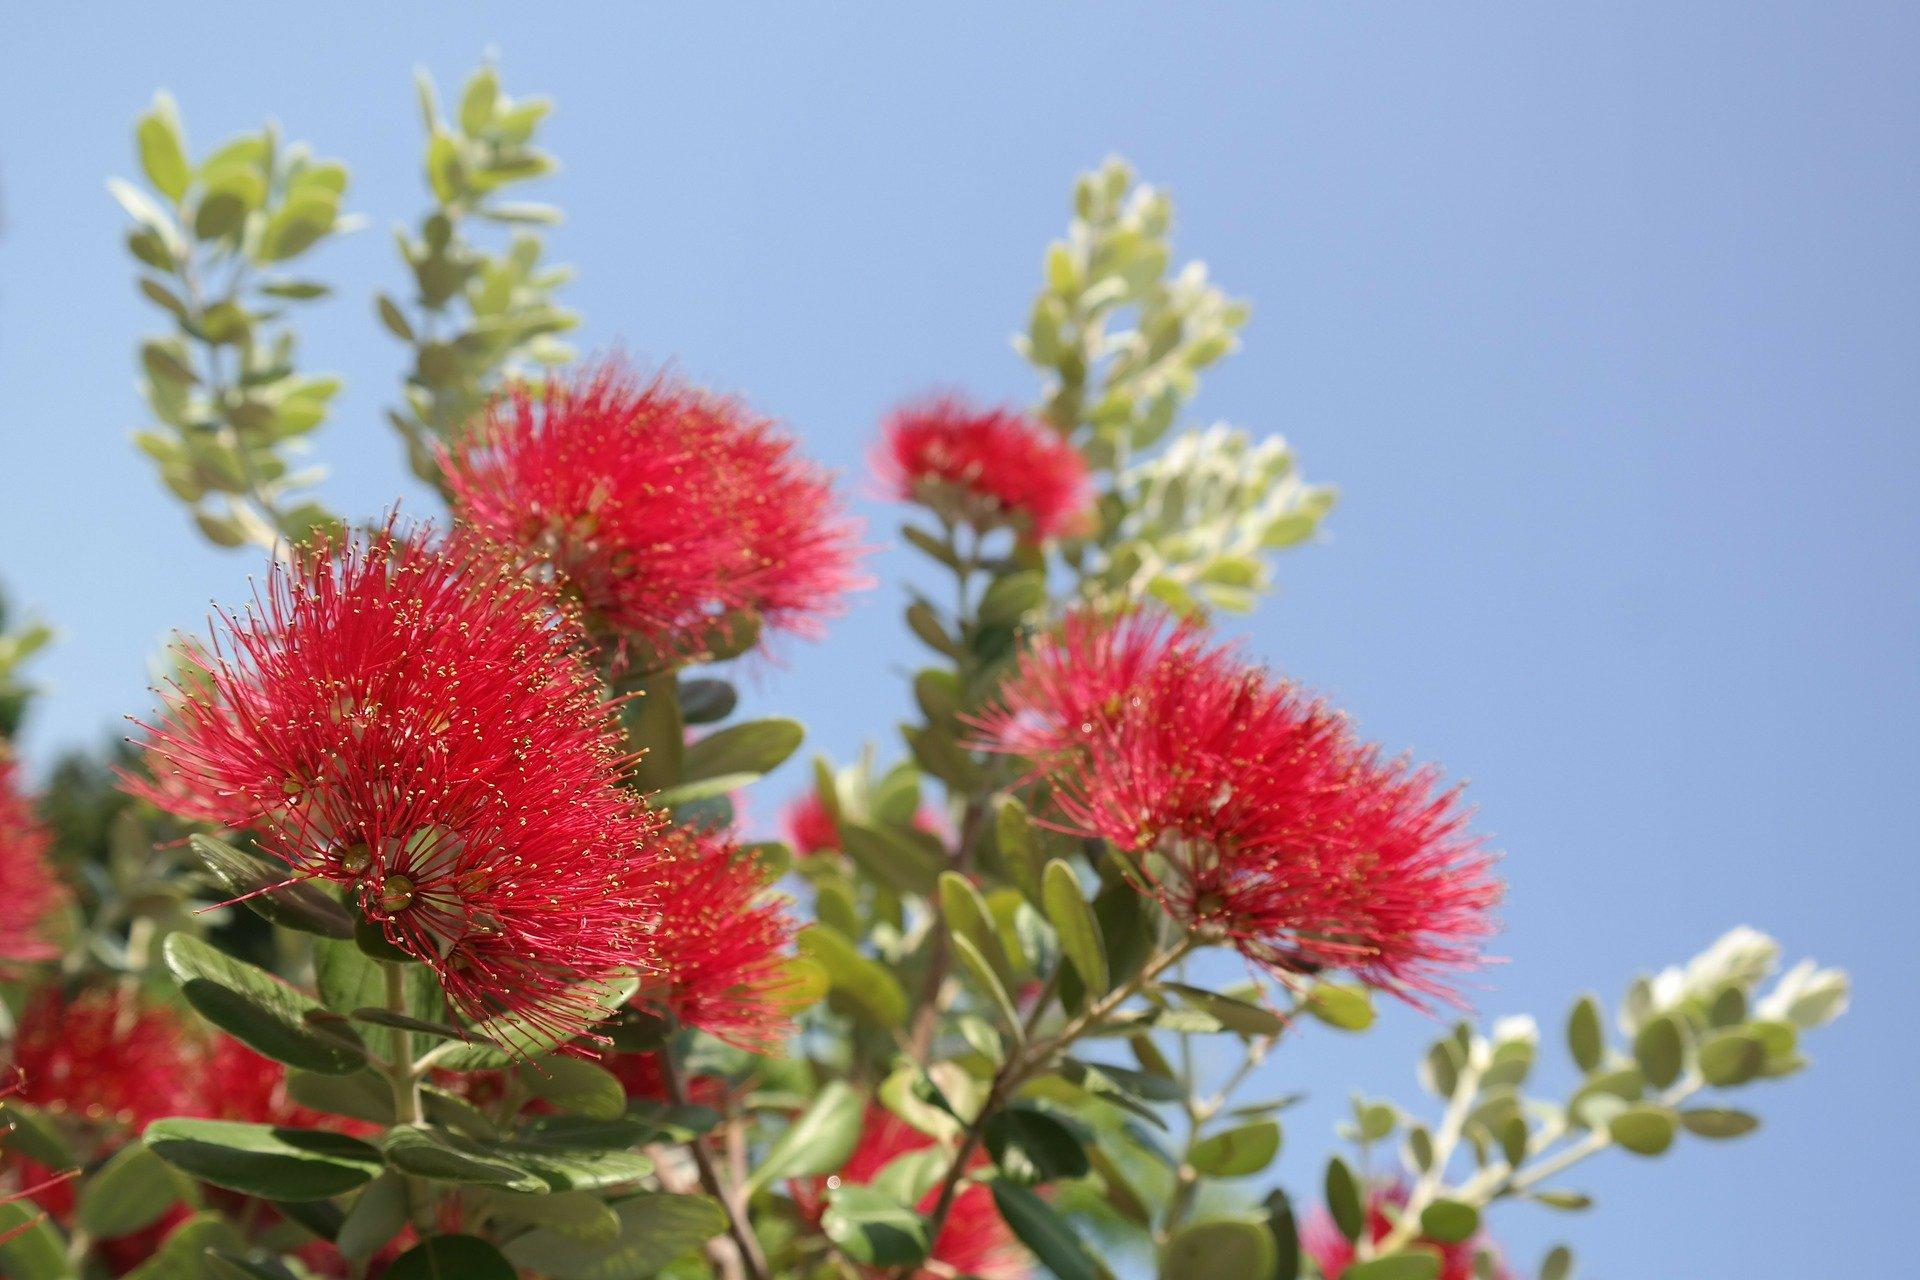 blossom-141639_1920